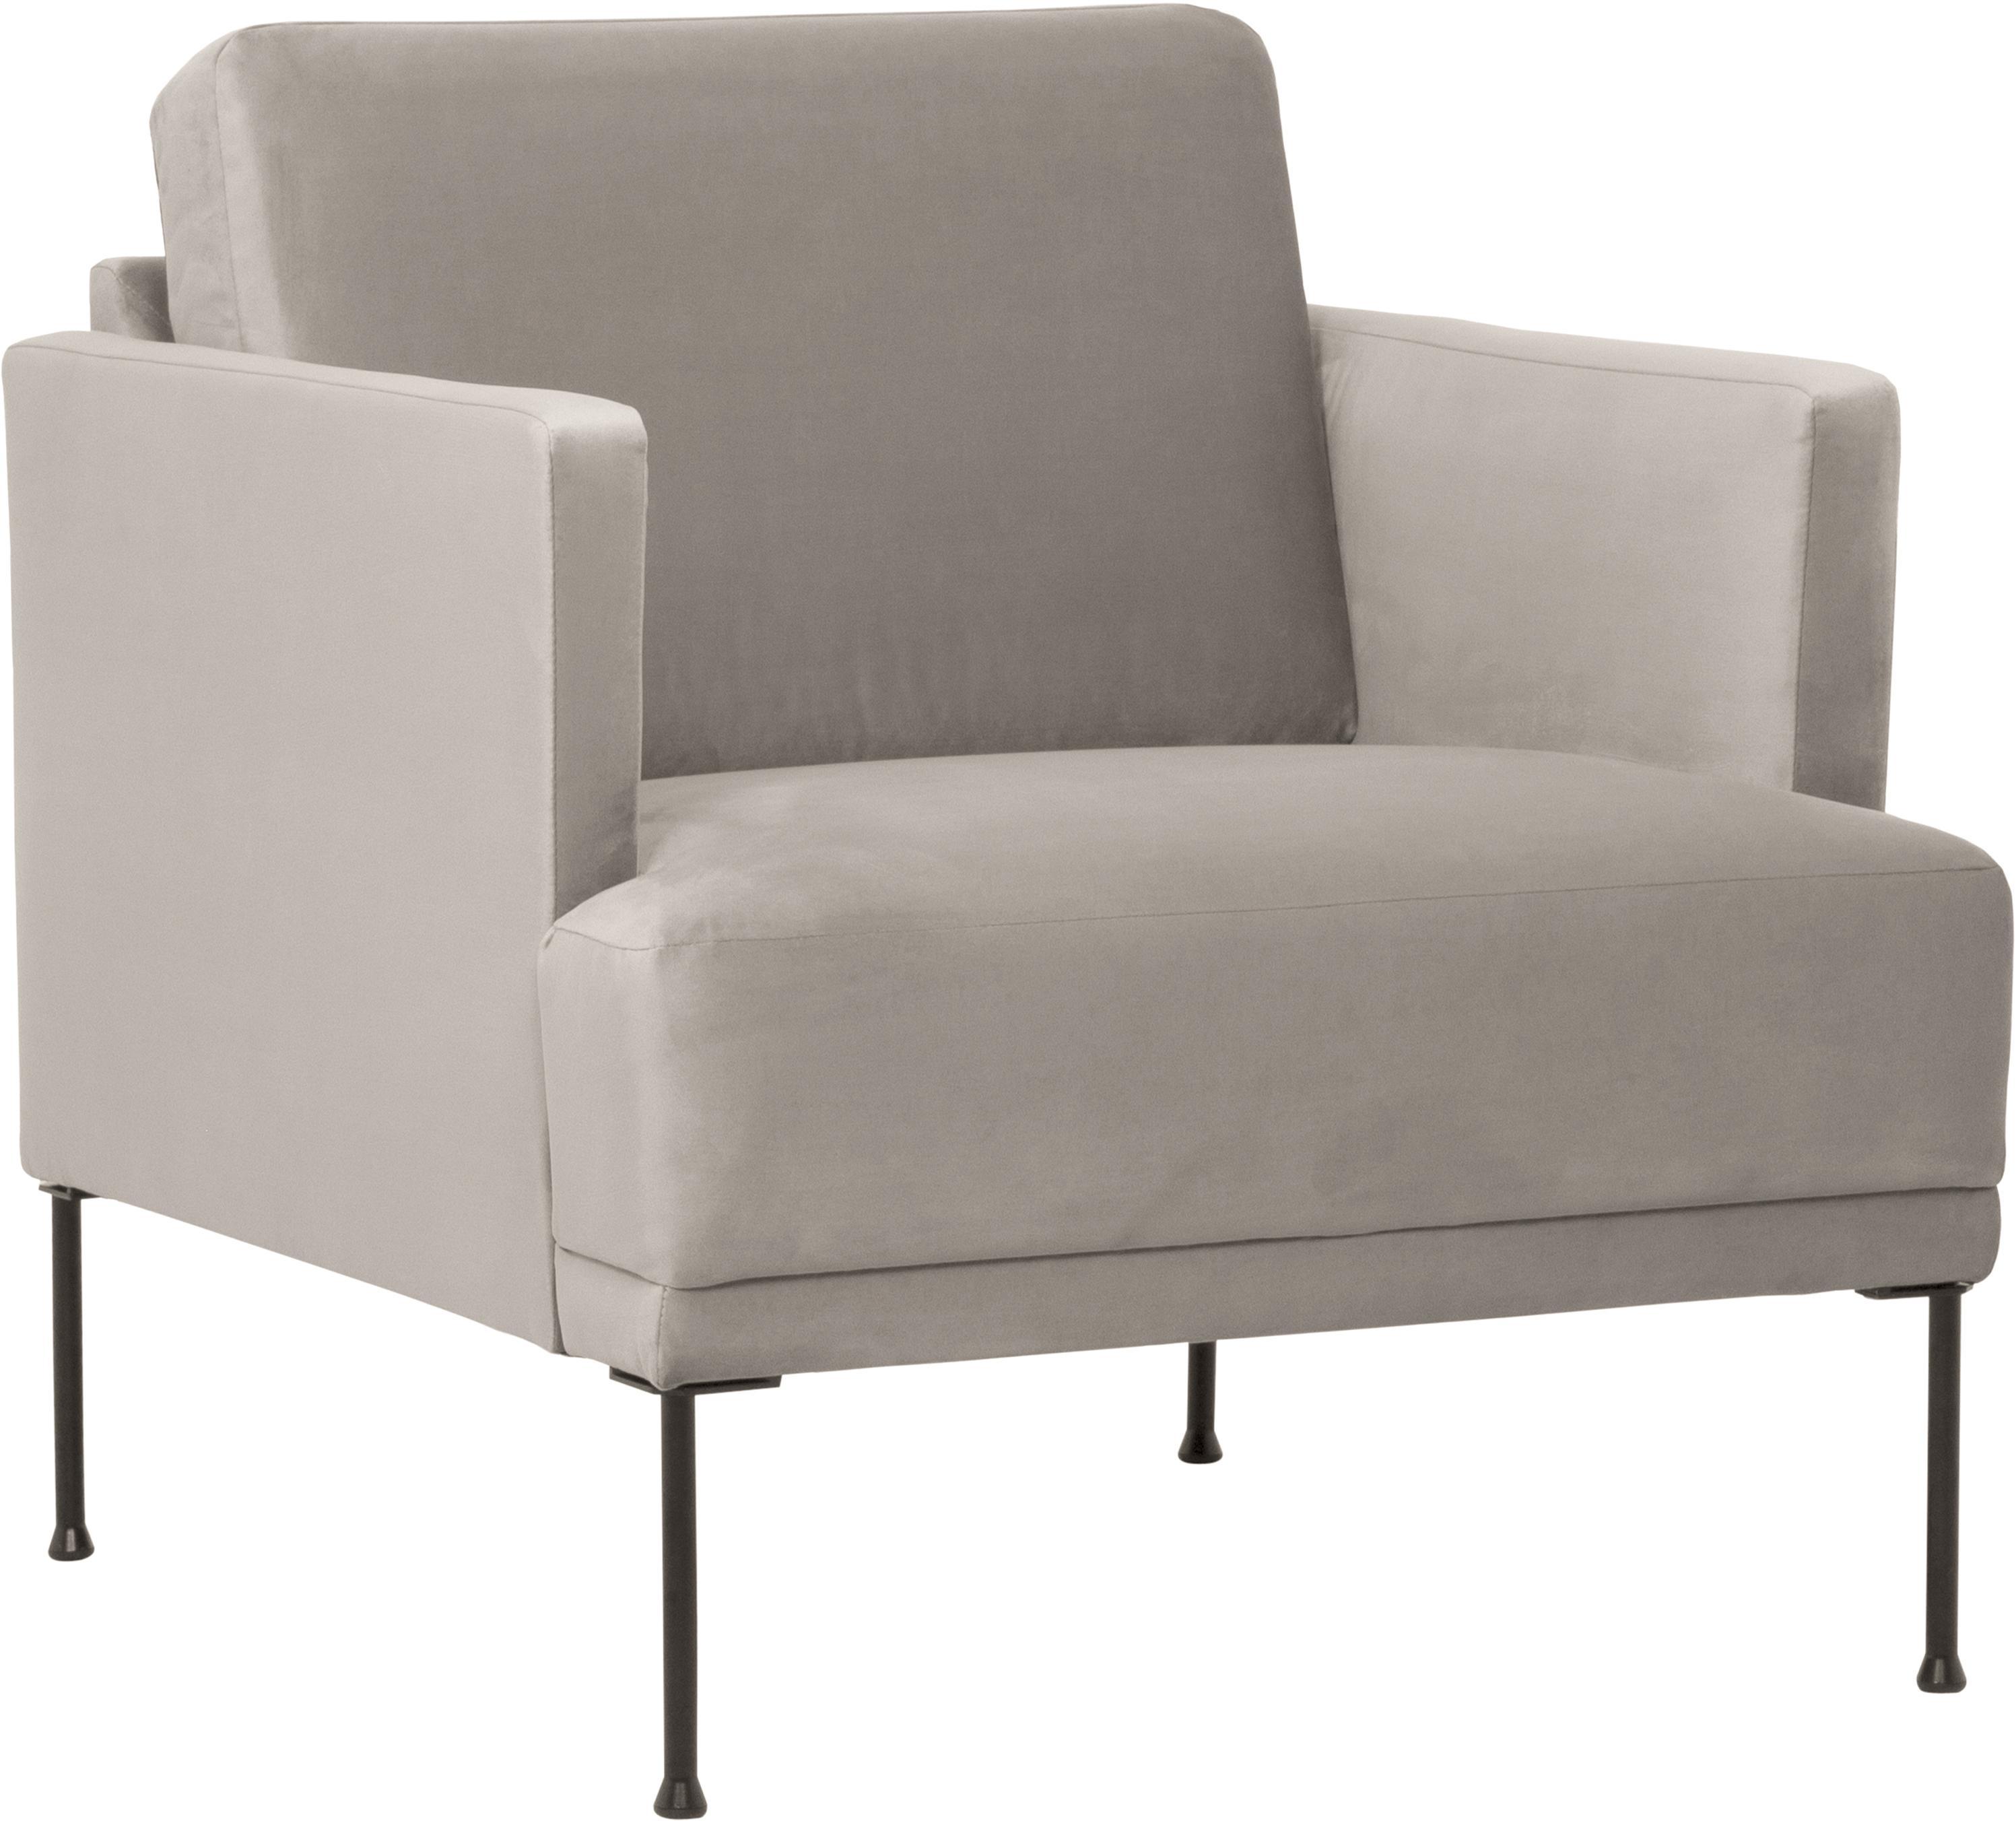 Fotel z aksamitu Fluente, Tapicerka: aksamit (wysokiej jakości, Stelaż: lite drewno sosnowe, Nogi: metal malowany proszkowo, Aksamitny beżowy, S 74 x G 85 cm